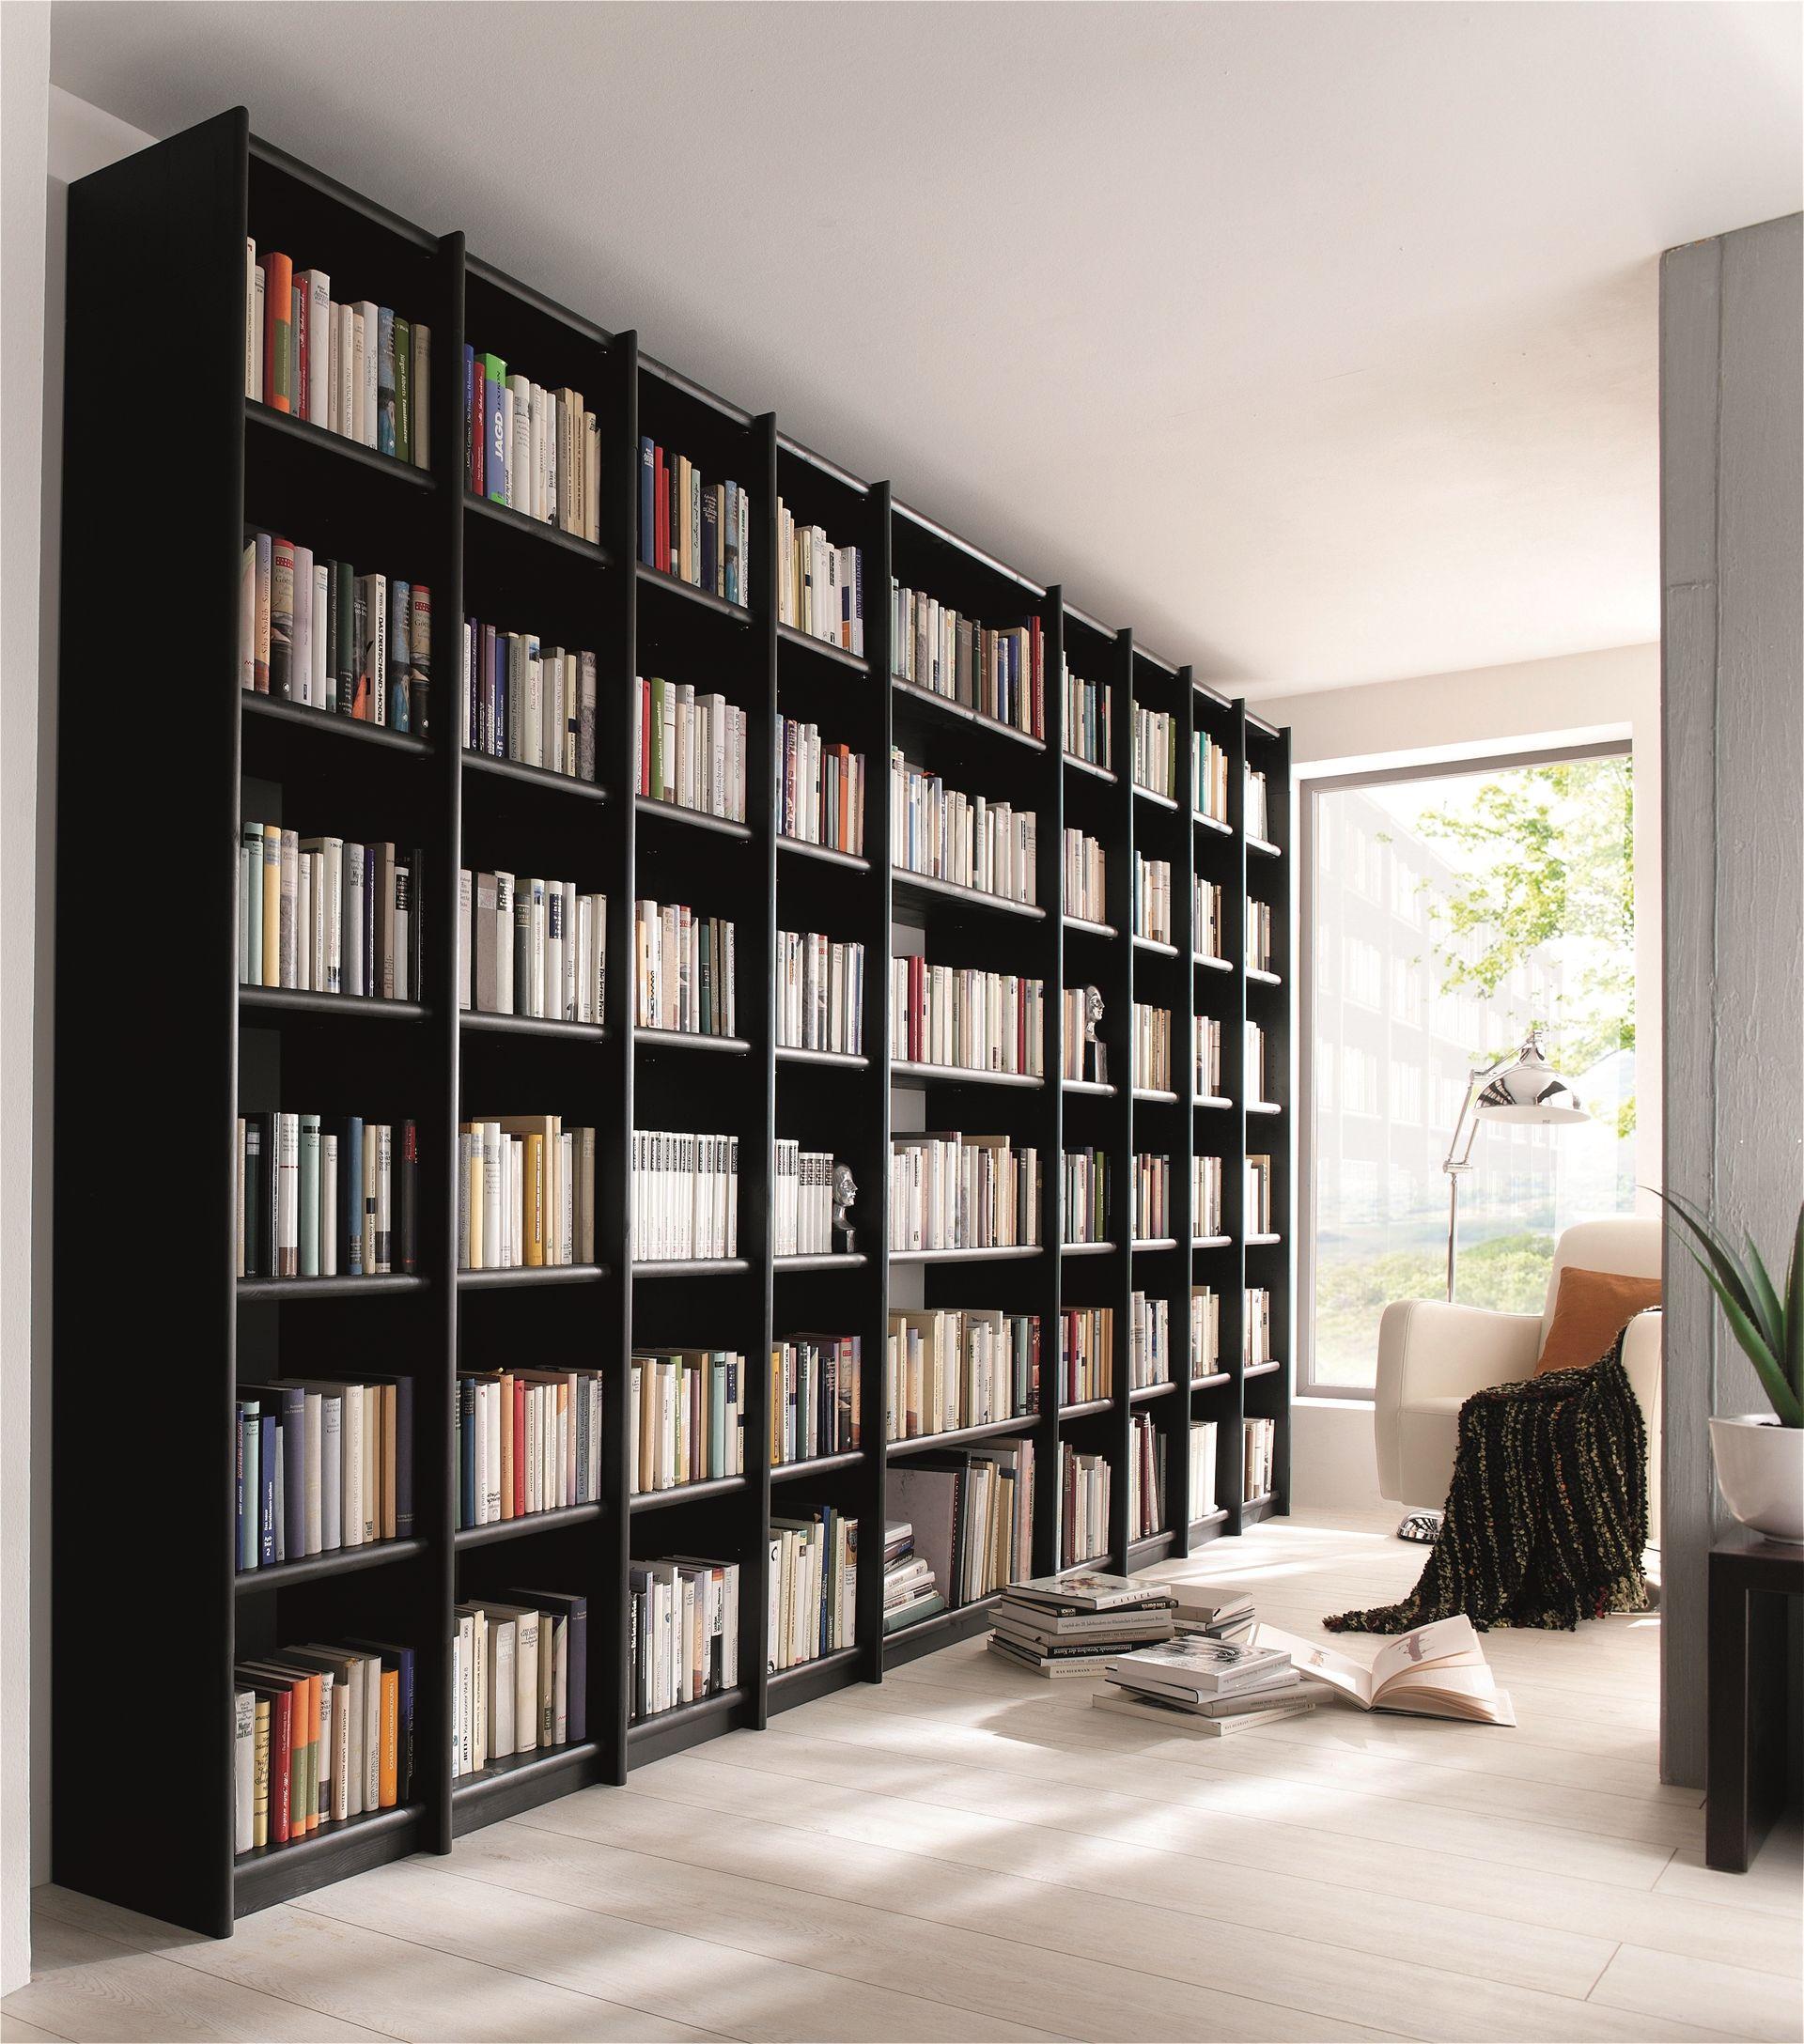 massivholz echtholz vollholz bücherregal kiefer massiv aktenregal bibliothek contra schwarz lackiert